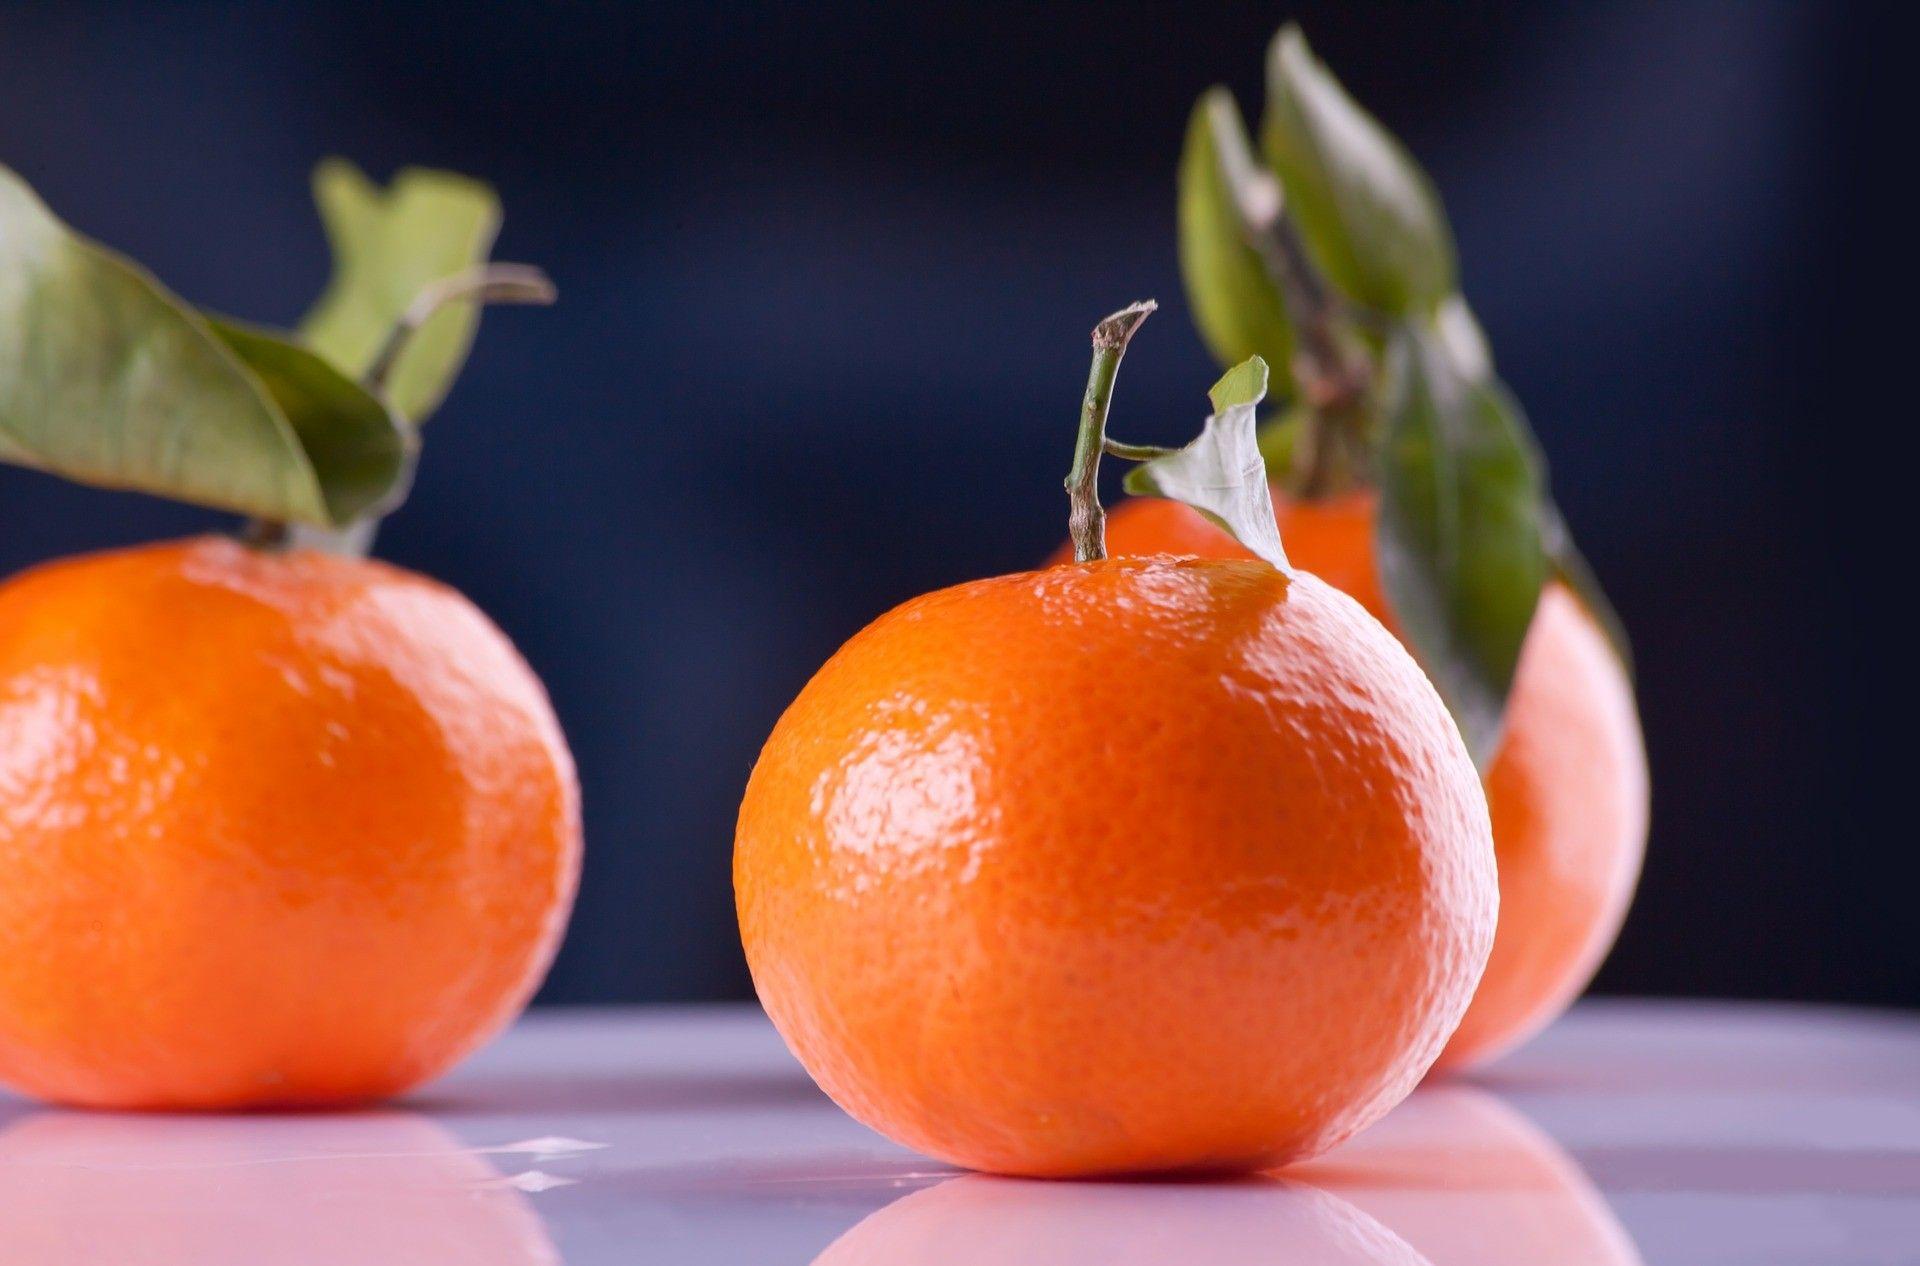 tangerines clementines oranges